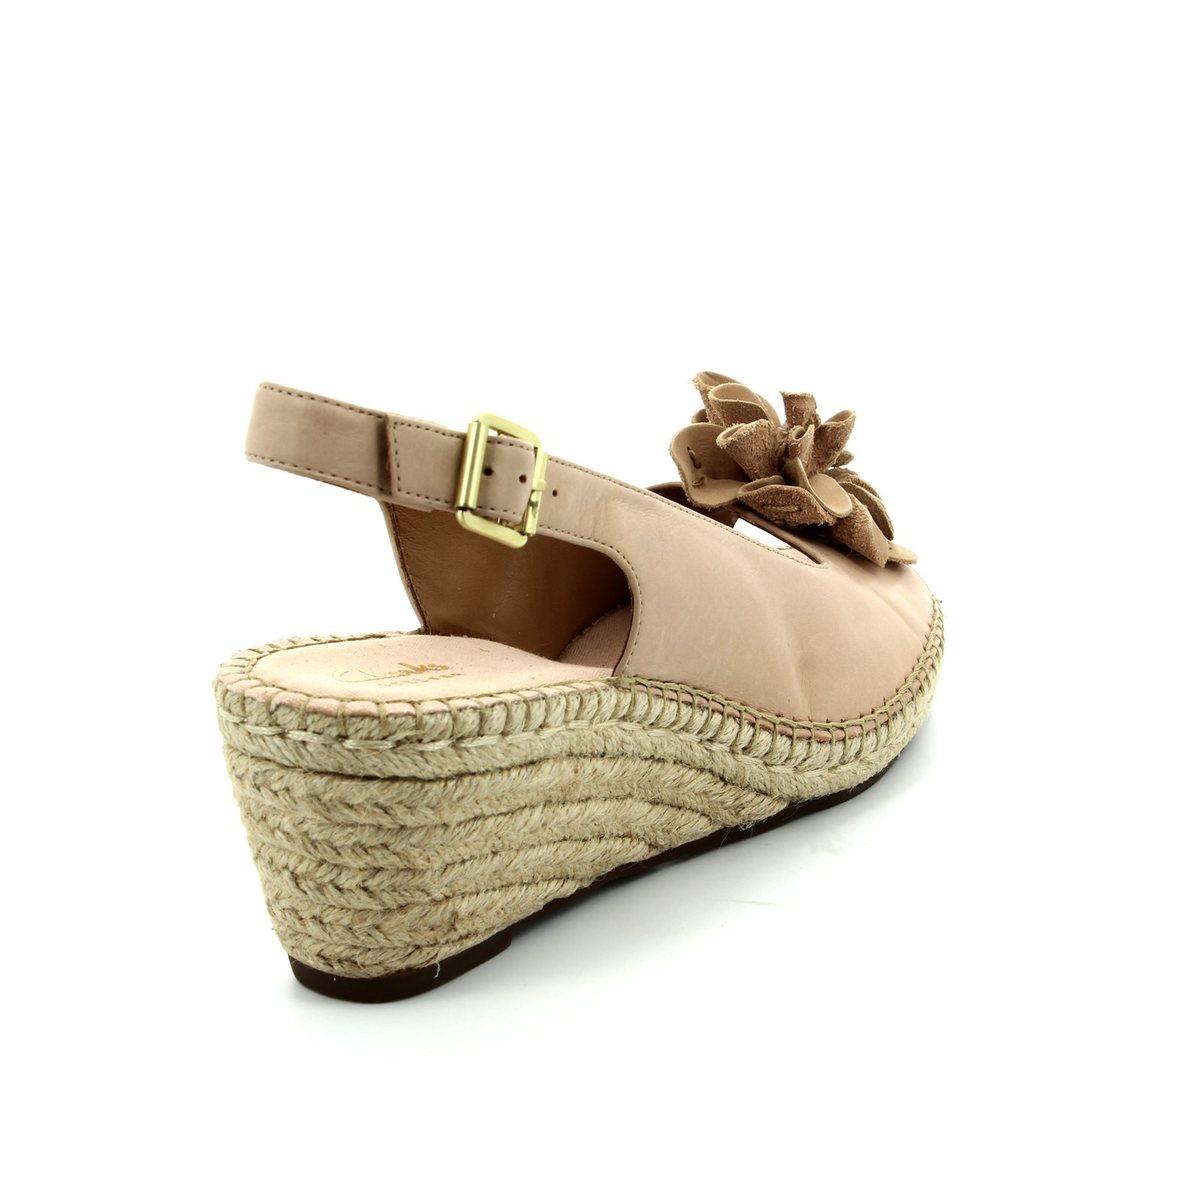 41604cc21f8b Clarks Wedge Sandals - Nude - 2422 24D PETRINA BIANCA